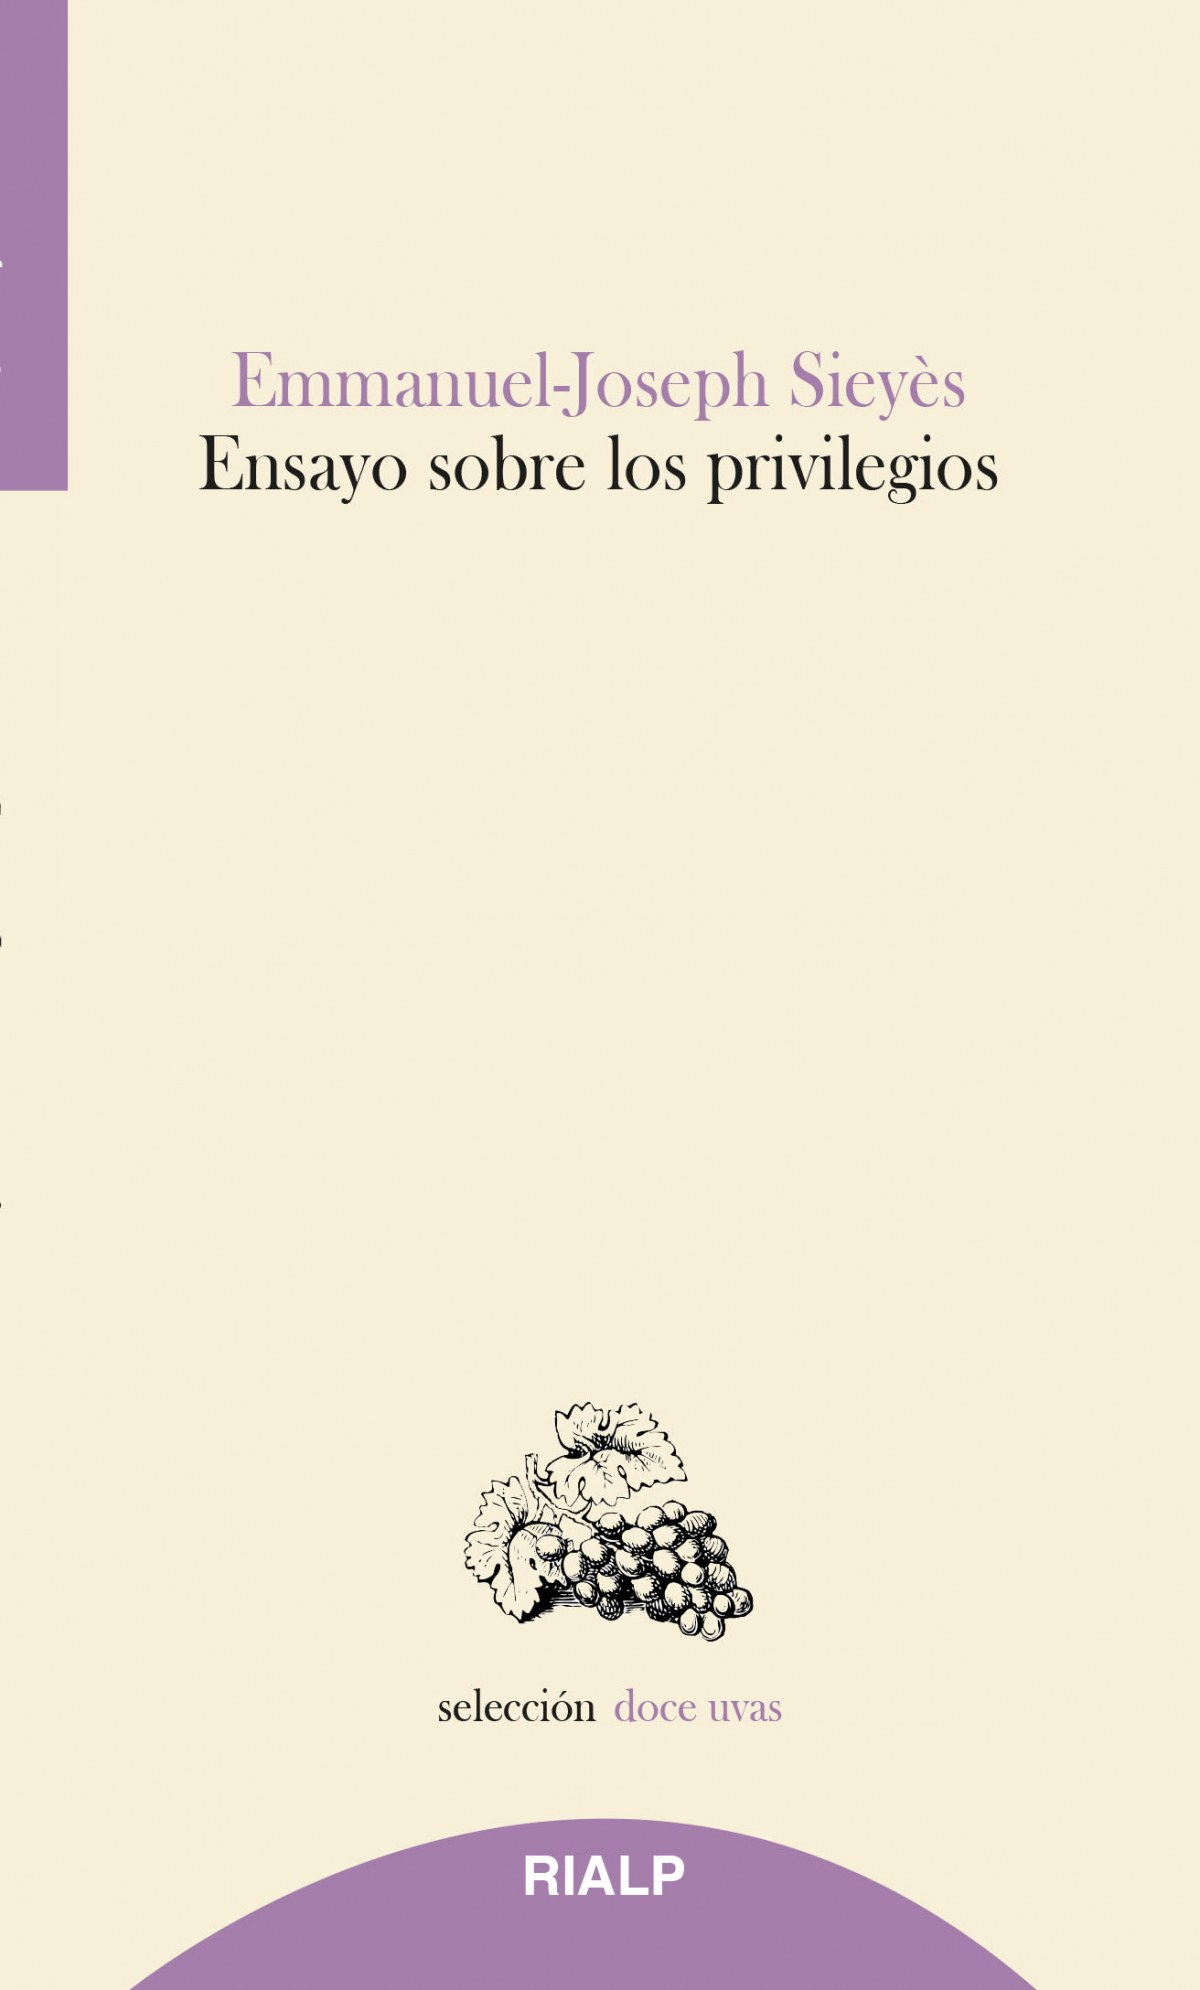 Ensayo sobre los privilegios